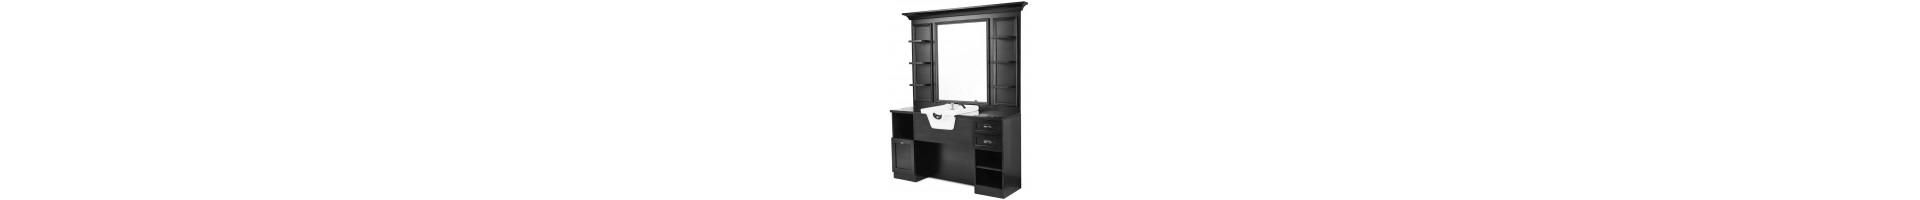 Muebles auxiliares de barbería con poza lavacabezas - Tocadores espejo para Barbería en madera noble